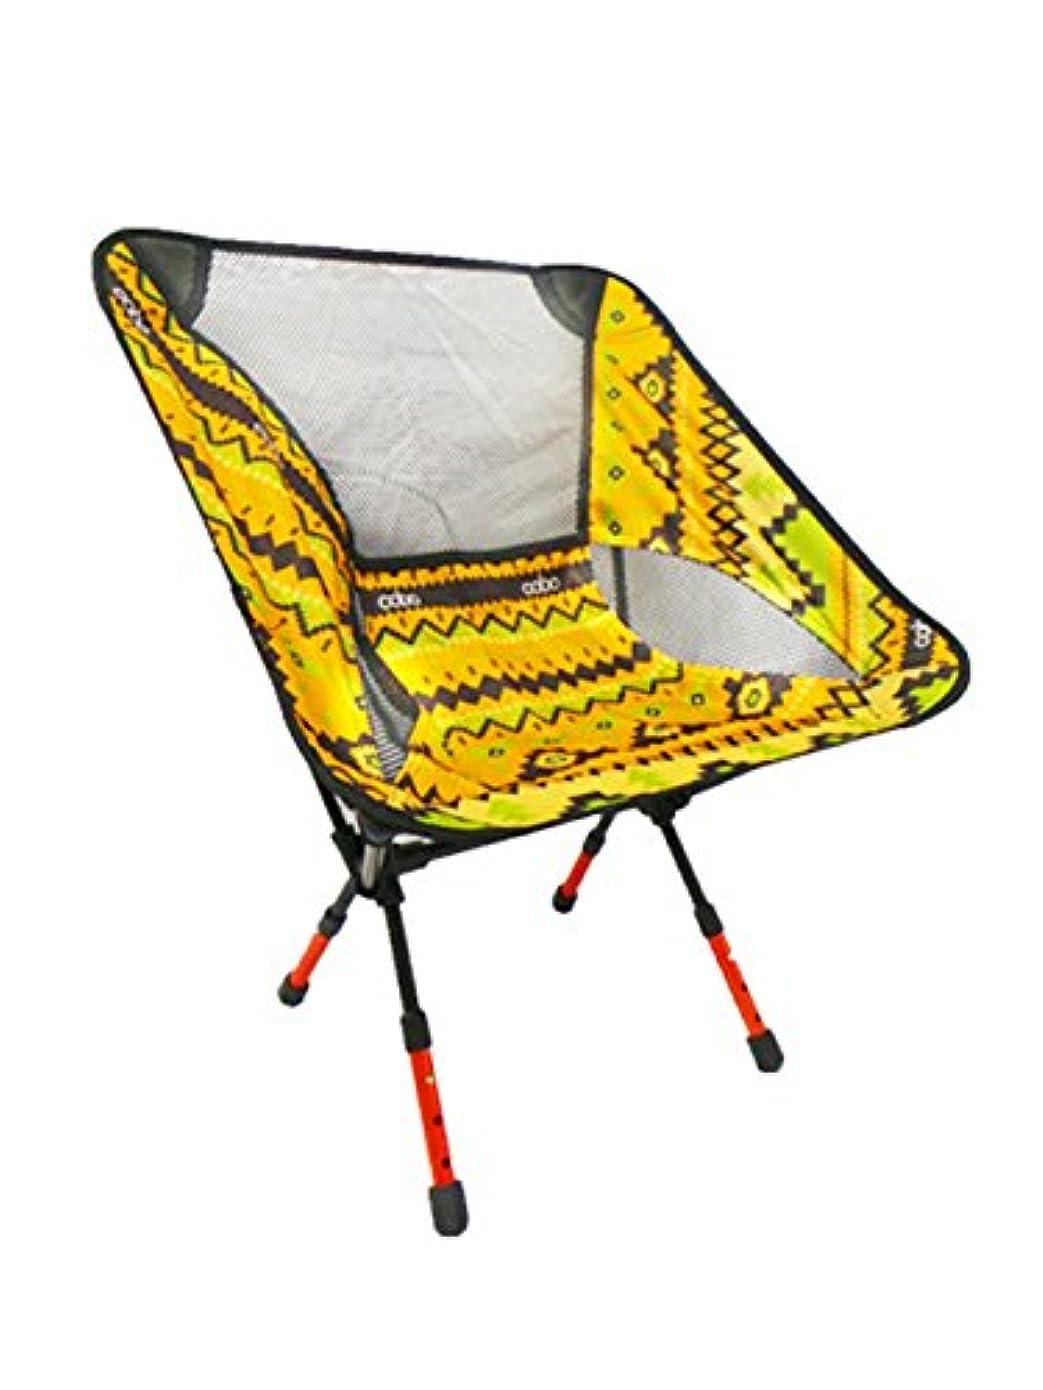 頭無意味ワイプCOBO アウトドアチェア 折りたたみ椅子 コンパクト 背もたれ バーベキュー レジャーチェア ポータブルチェア ローチェア アルミ製 折りたたみチェア フィットチェア 耐荷重145kg 持ち運びに便利な専用ケース付 お釣り 登山 キャンプ用 ウルトラライト ジュラルミンチェアー (Indian) [並行輸入品]